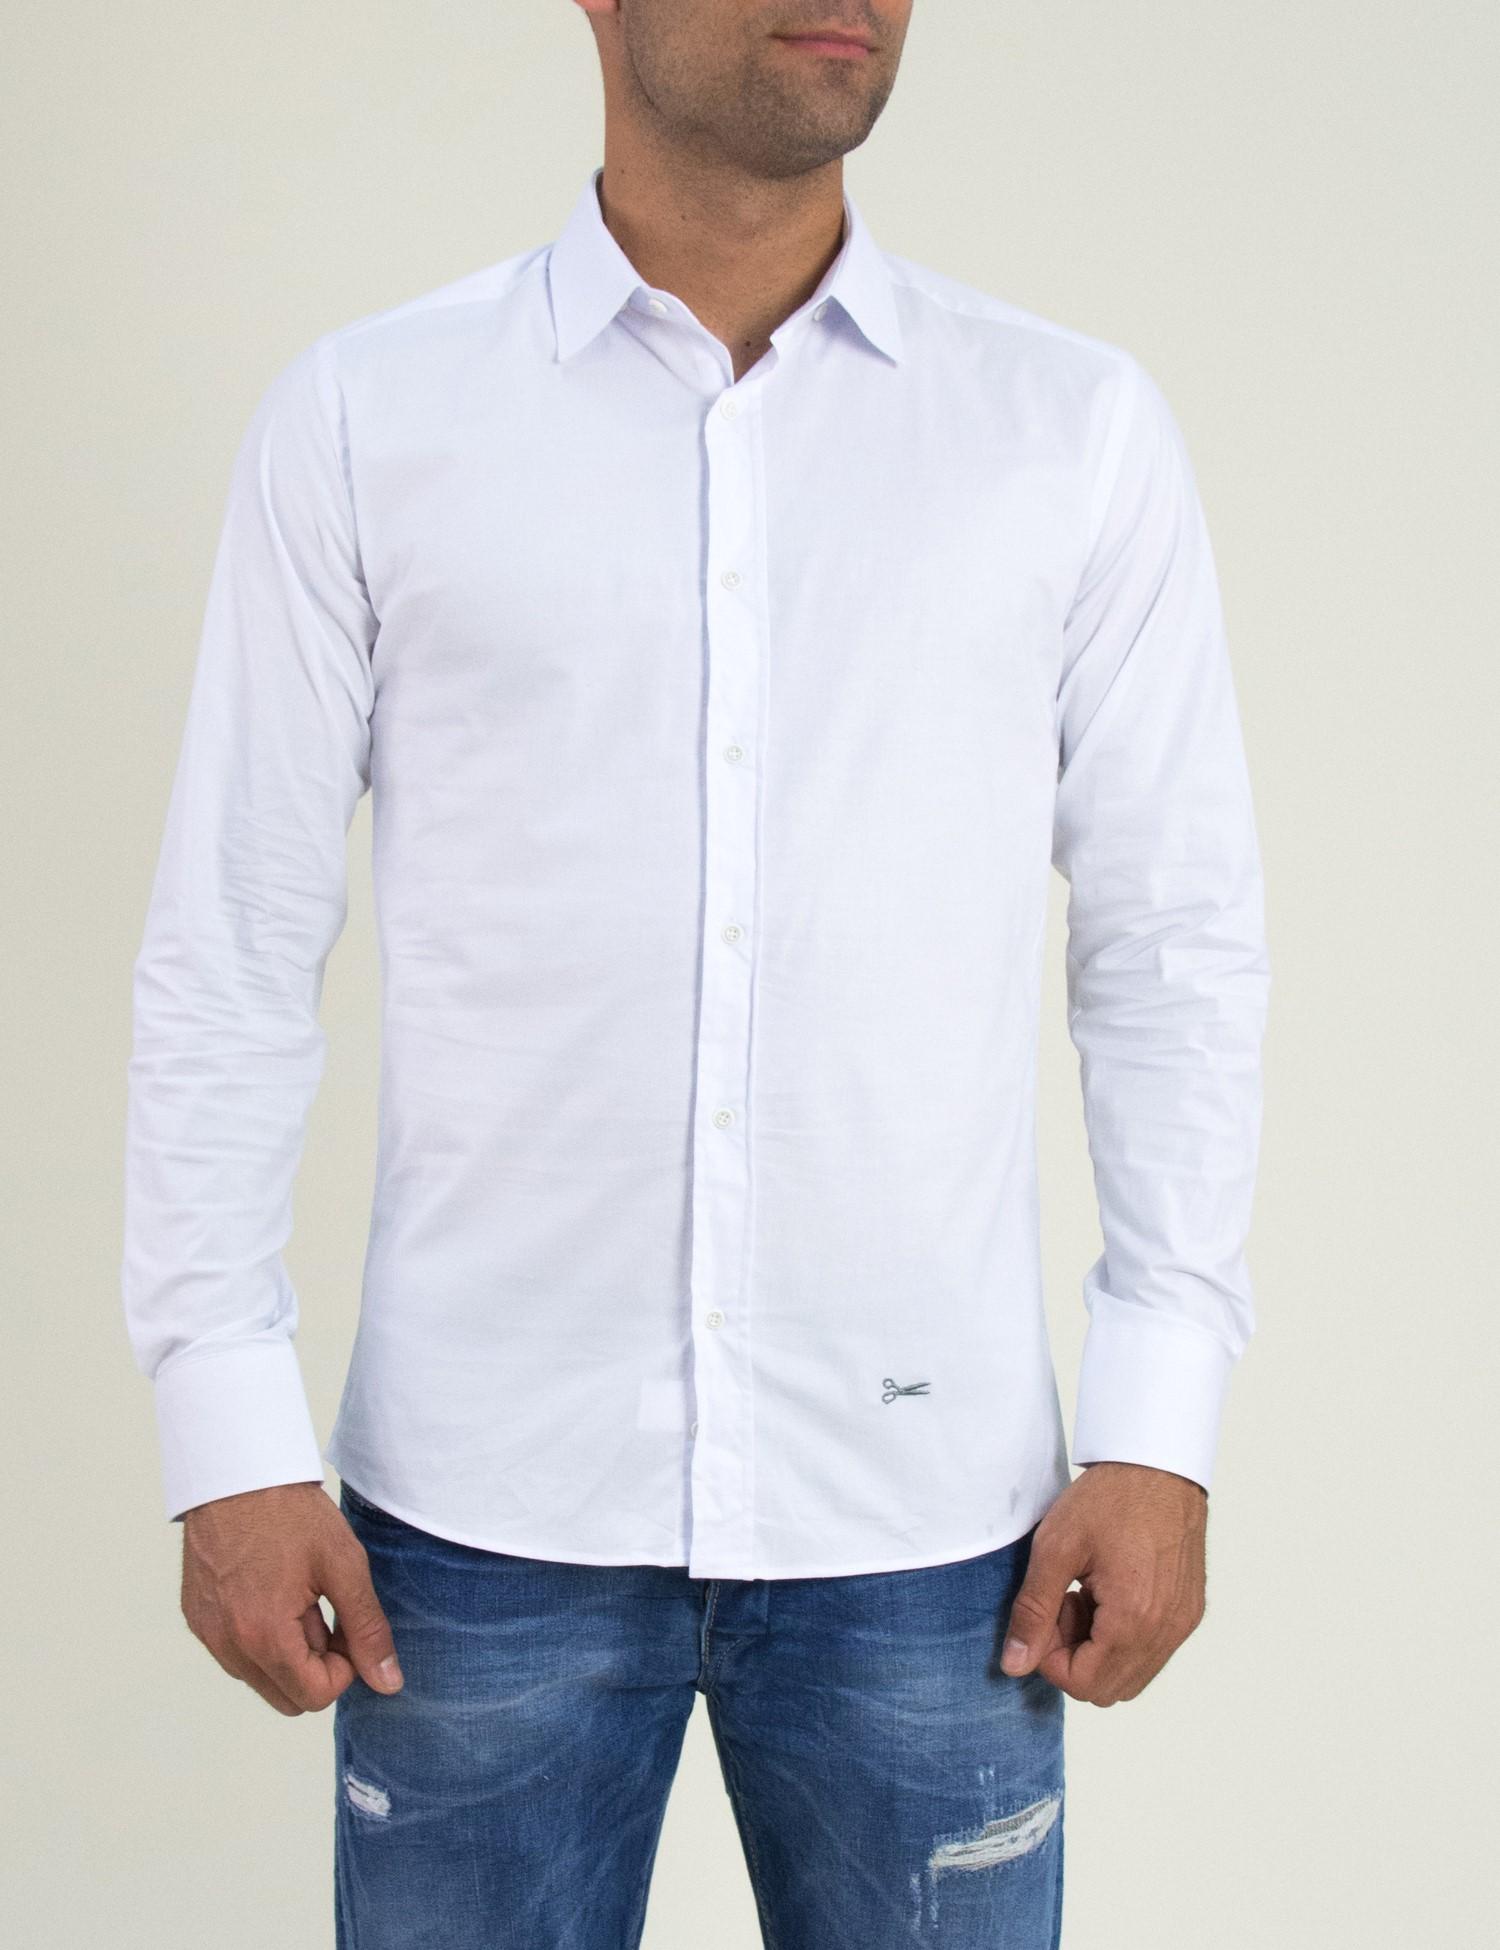 ea33c3905906 Ανδρικό λευκό μονόχρωμο πουκάμισο Ben Tailor 185210